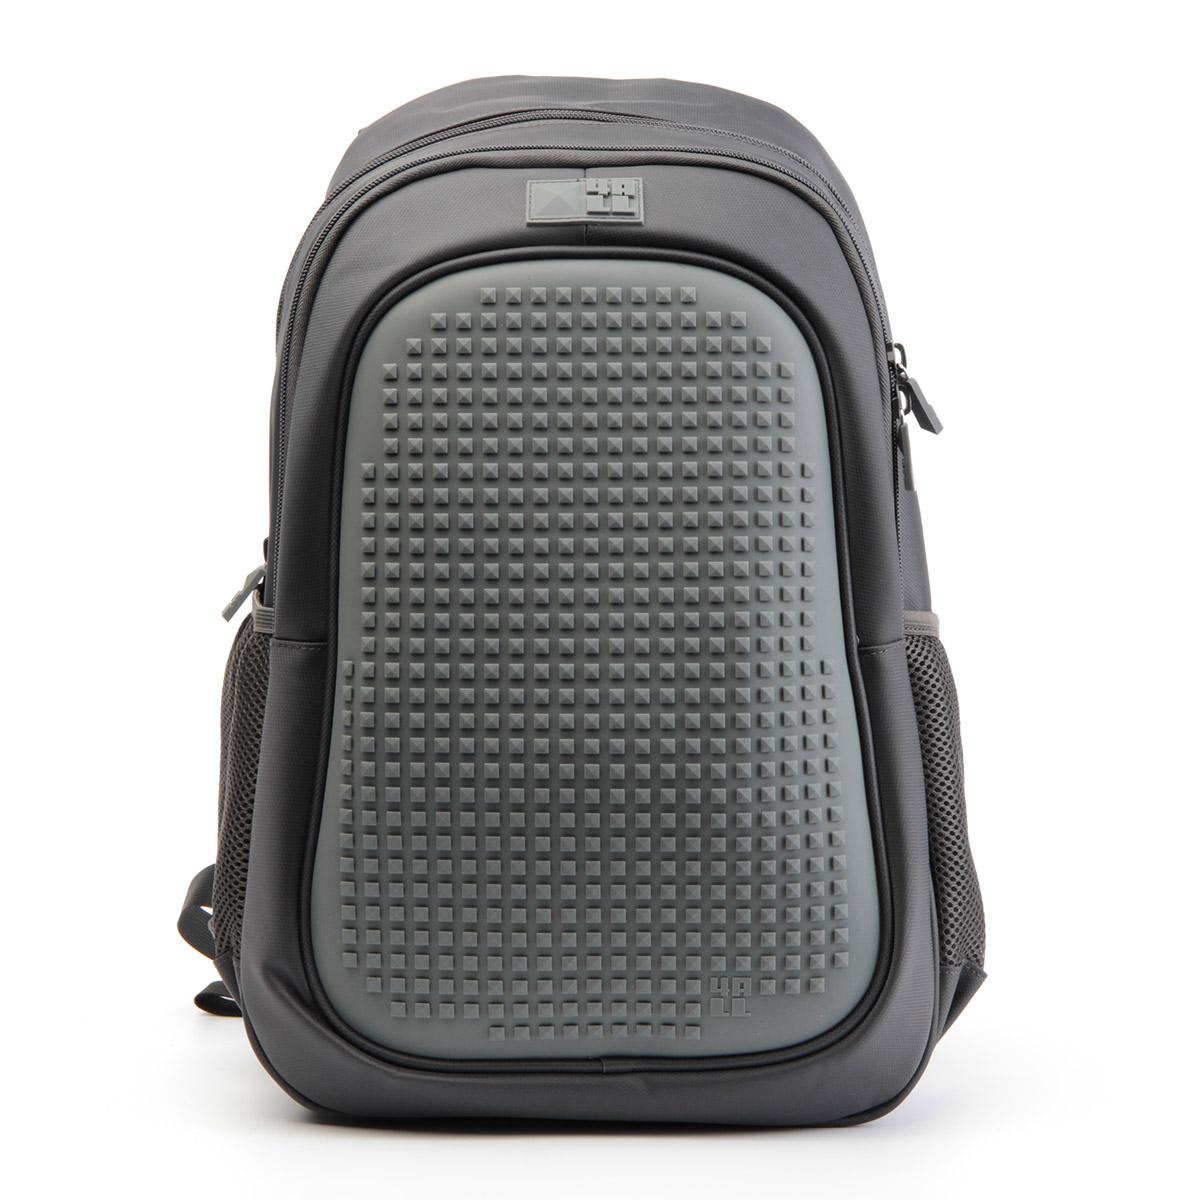 4ALL Рюкзак для мальчиков Case цвет темно-серыйRK61-09NРюкзак бренда 4ALL - это одновременно яркий, функциональный школьный аксессуар и площадка для самовыражения. Заботясь о Вашем комфорте, удобстве и творческом развитии мы создали уникальные рюкзаки CASE с силиконовой панелью и разноцветные мозаичные БИТЫ с помощью которых на рюкзаке можно создавать графические шедевры хоть каждый день! Наш рюкзак является не только помощником в переносе грузов, но и настоящей интерактивной площадкой! Благодаря силиконовой панели и пикселям он может информировать и транслировать любые Ваши художественные опыты! Особенности: AIR COMFORT system: - Система свободной циркуляции воздуха между задней стенкой рюкзака и спиной ребенка. ERGO system: - Разработанная нами система ERGO служит равномерному распределению нагрузки на спину ребенка. Она способна сделать рюкзак, наполненный учебниками, легким. ERGO служит сохранению правильной осанки и заботится о здоровье позвоночника! А также: - Гипоаллергенный силикон; - Водоотталкивающие материалы; - Устойчивость...